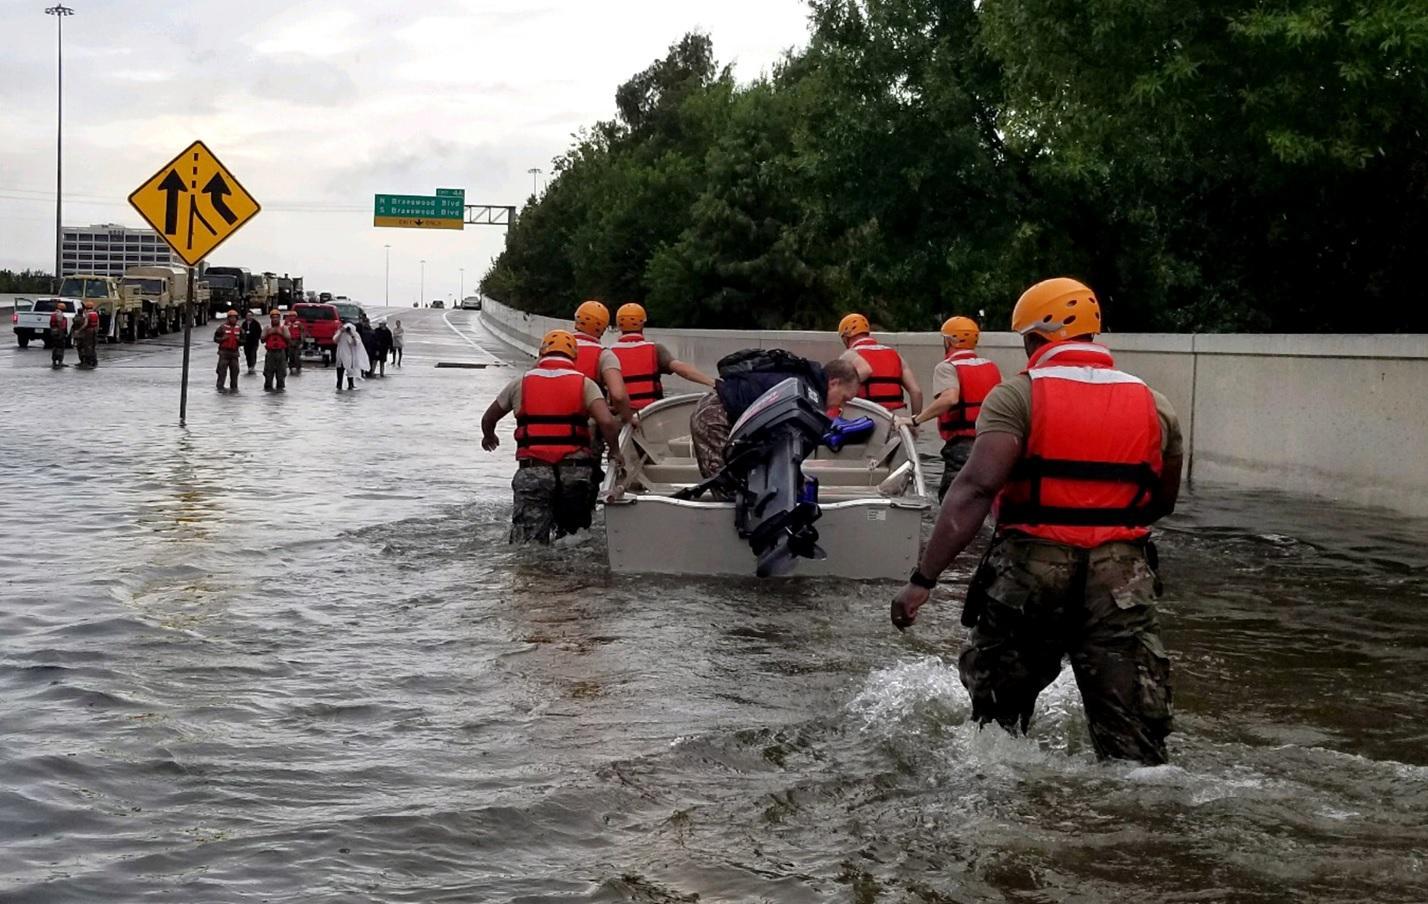 Estados Unidos já enfrentam problemas de inundações causados por furacões